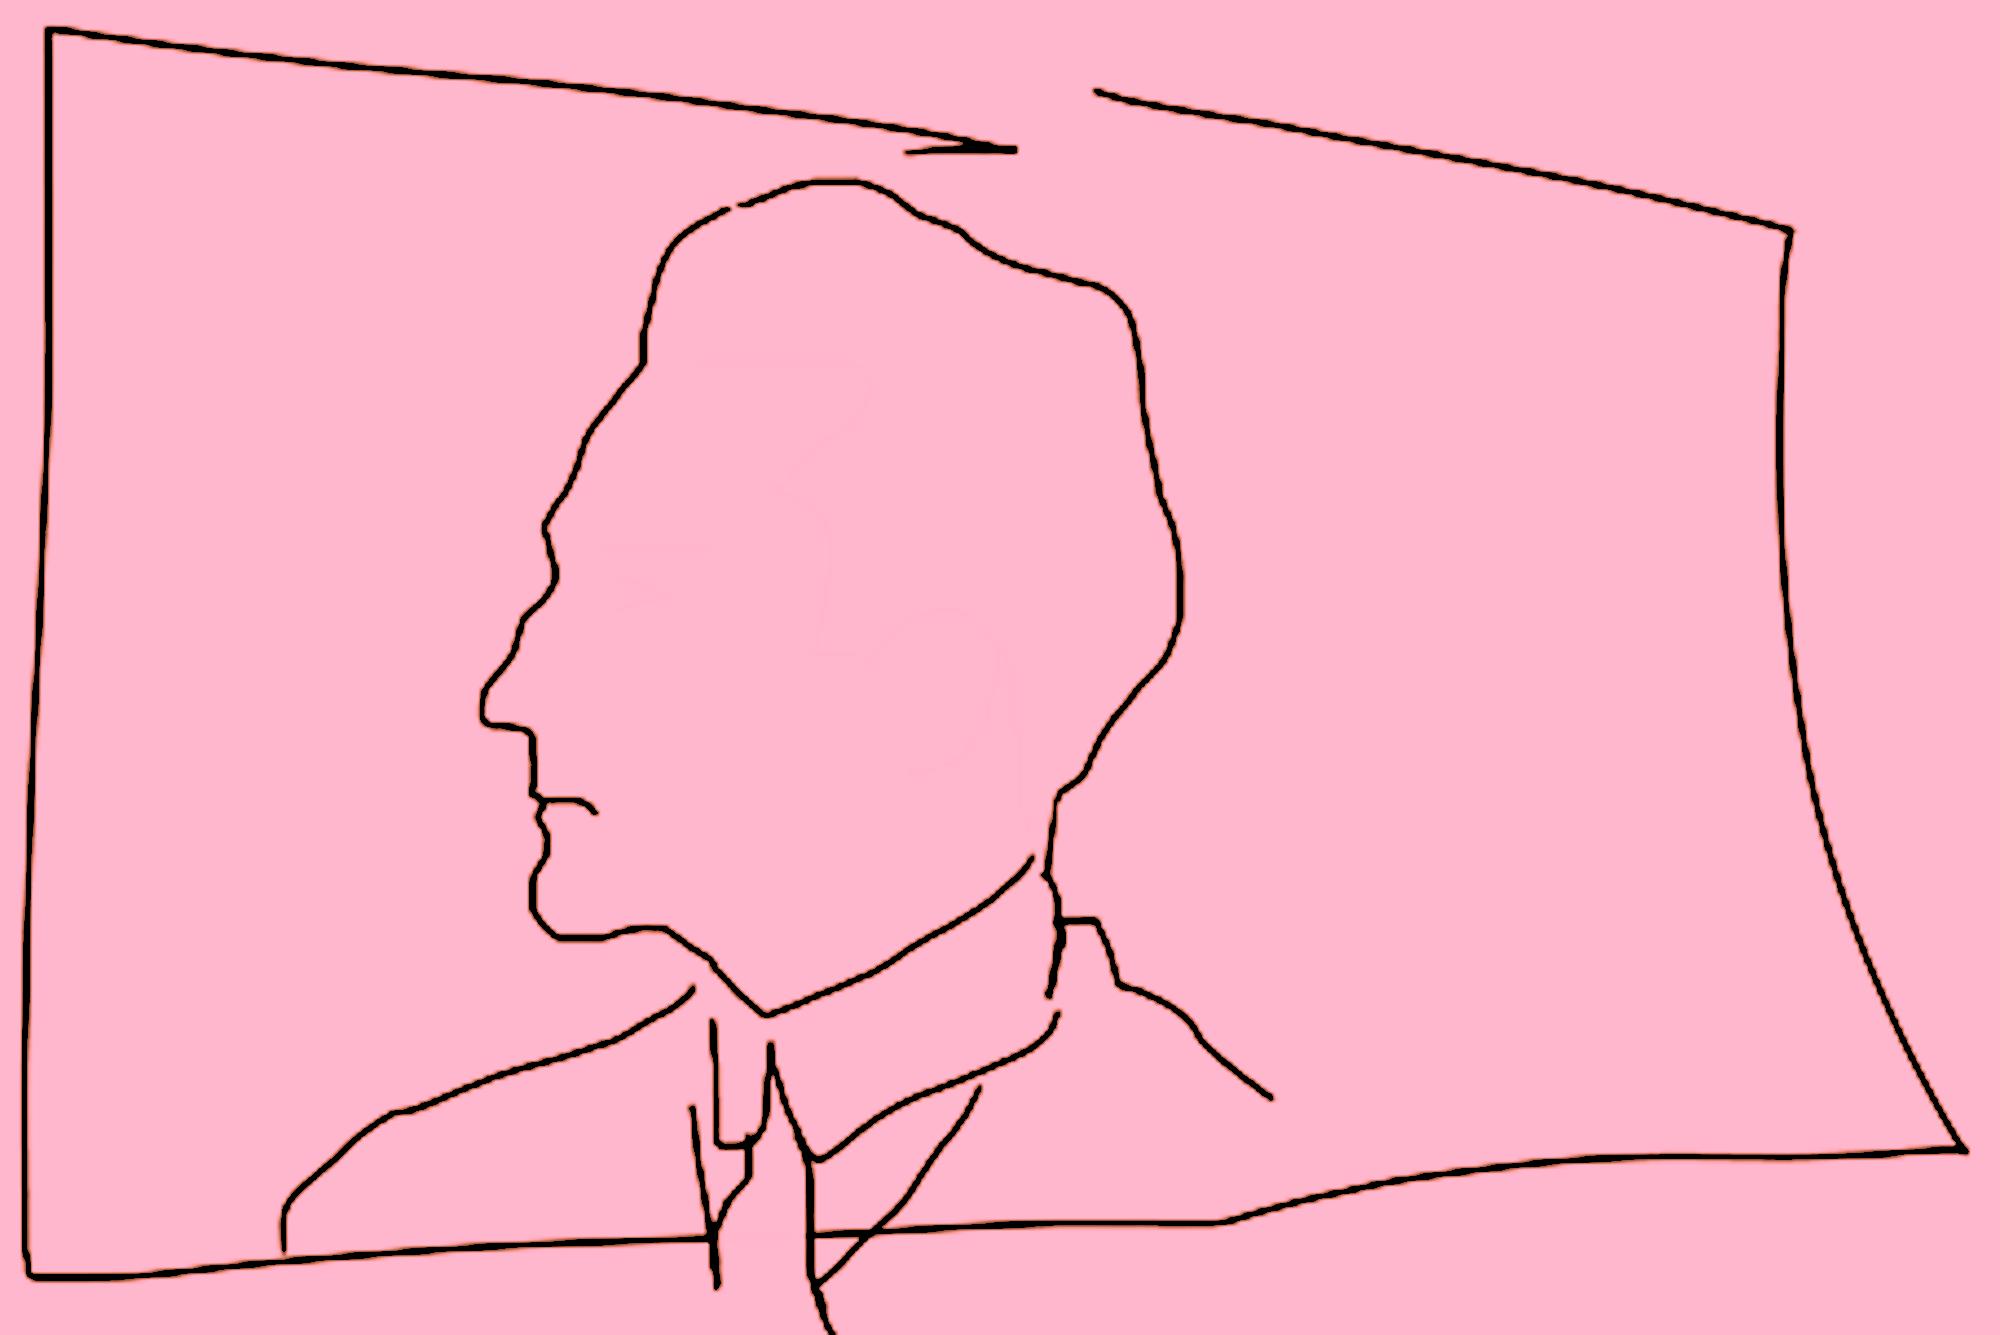 william carlos williams contour drawing